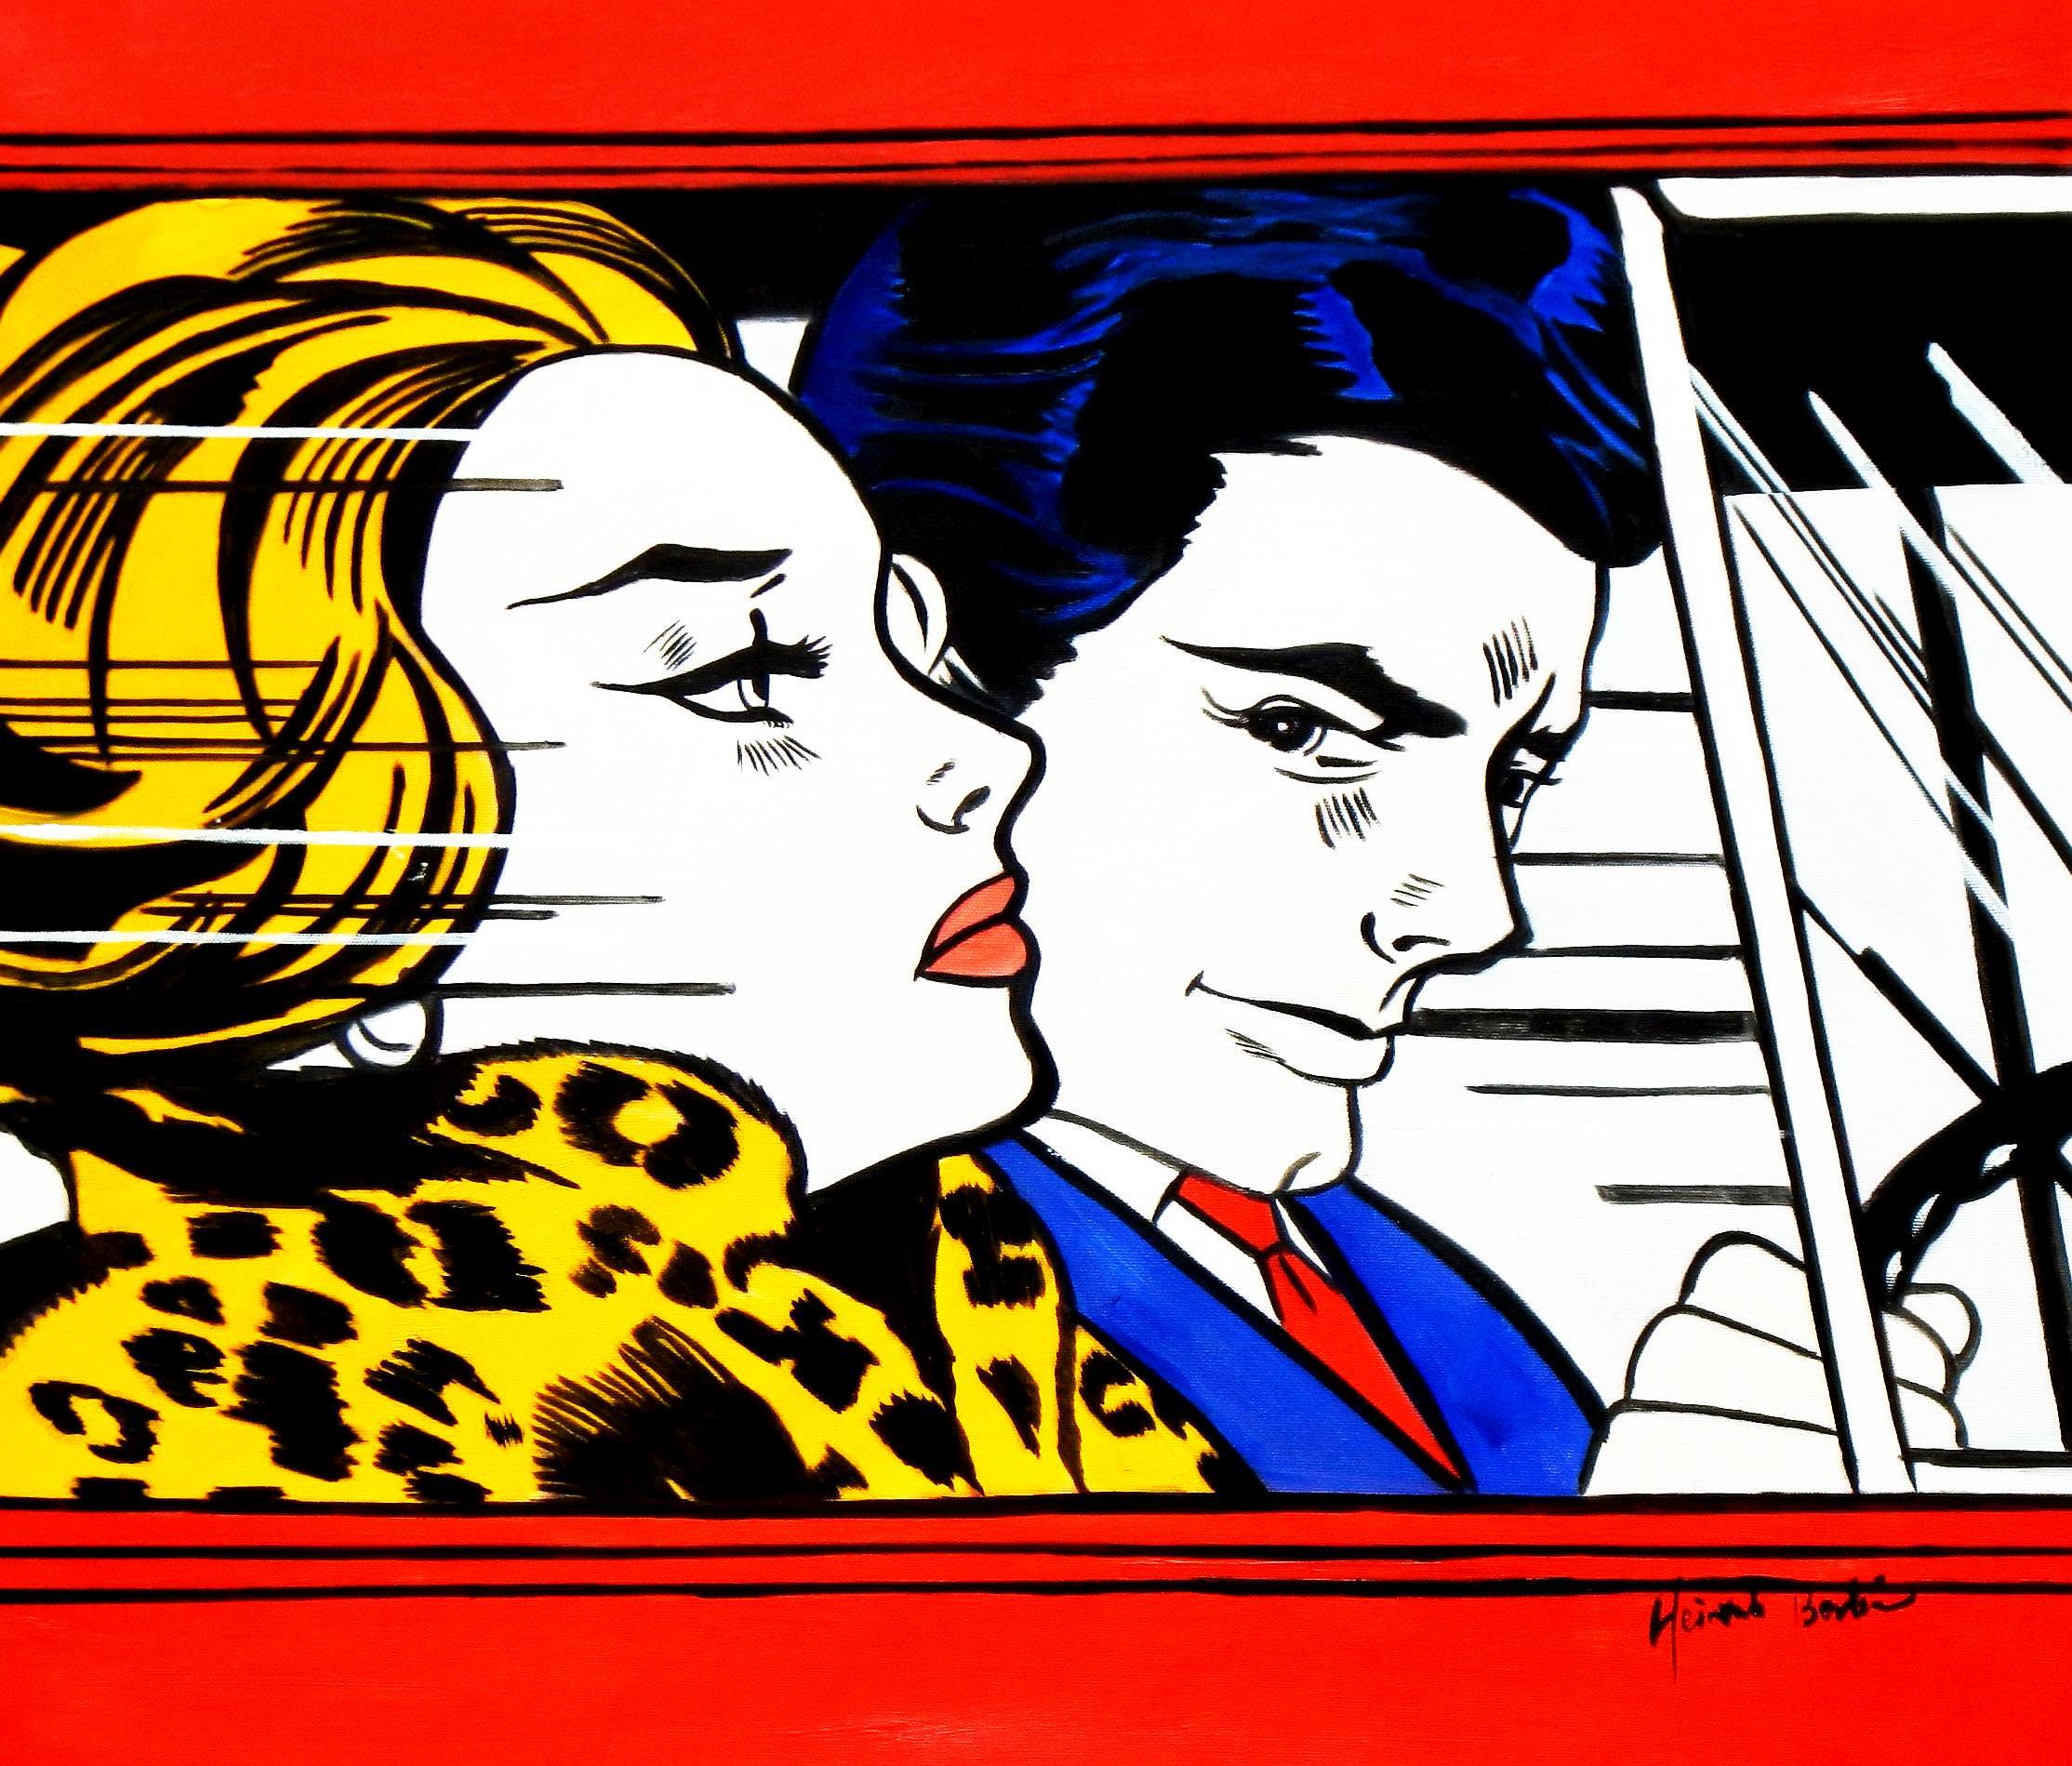 Homage to Roy Lichtenstein - In the car c93330 50x60cm modernes Ölgemälde